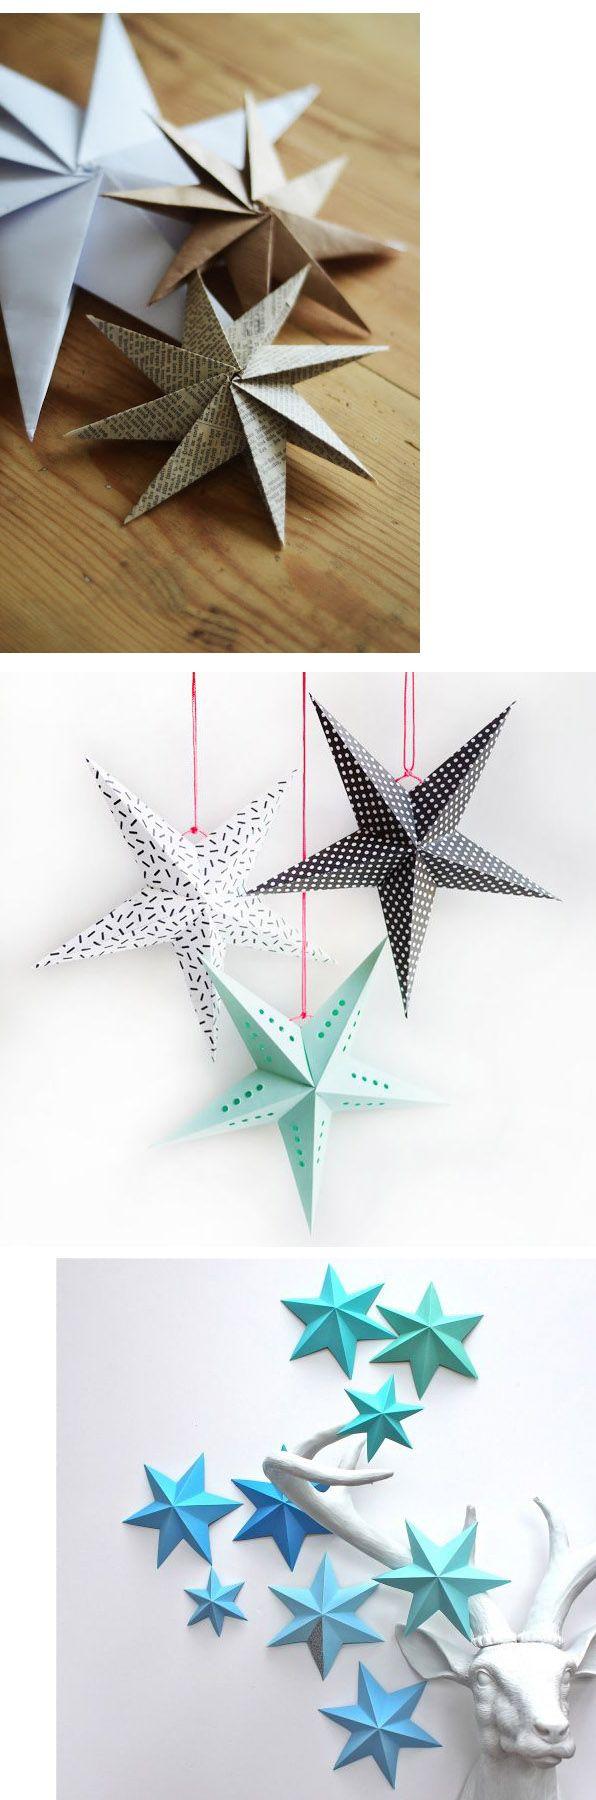 M s de 20 ideas incre bles sobre adornos caseros de navidad en pinterest bricolaje de adornos - Adornos de navidad caseros faciles ...